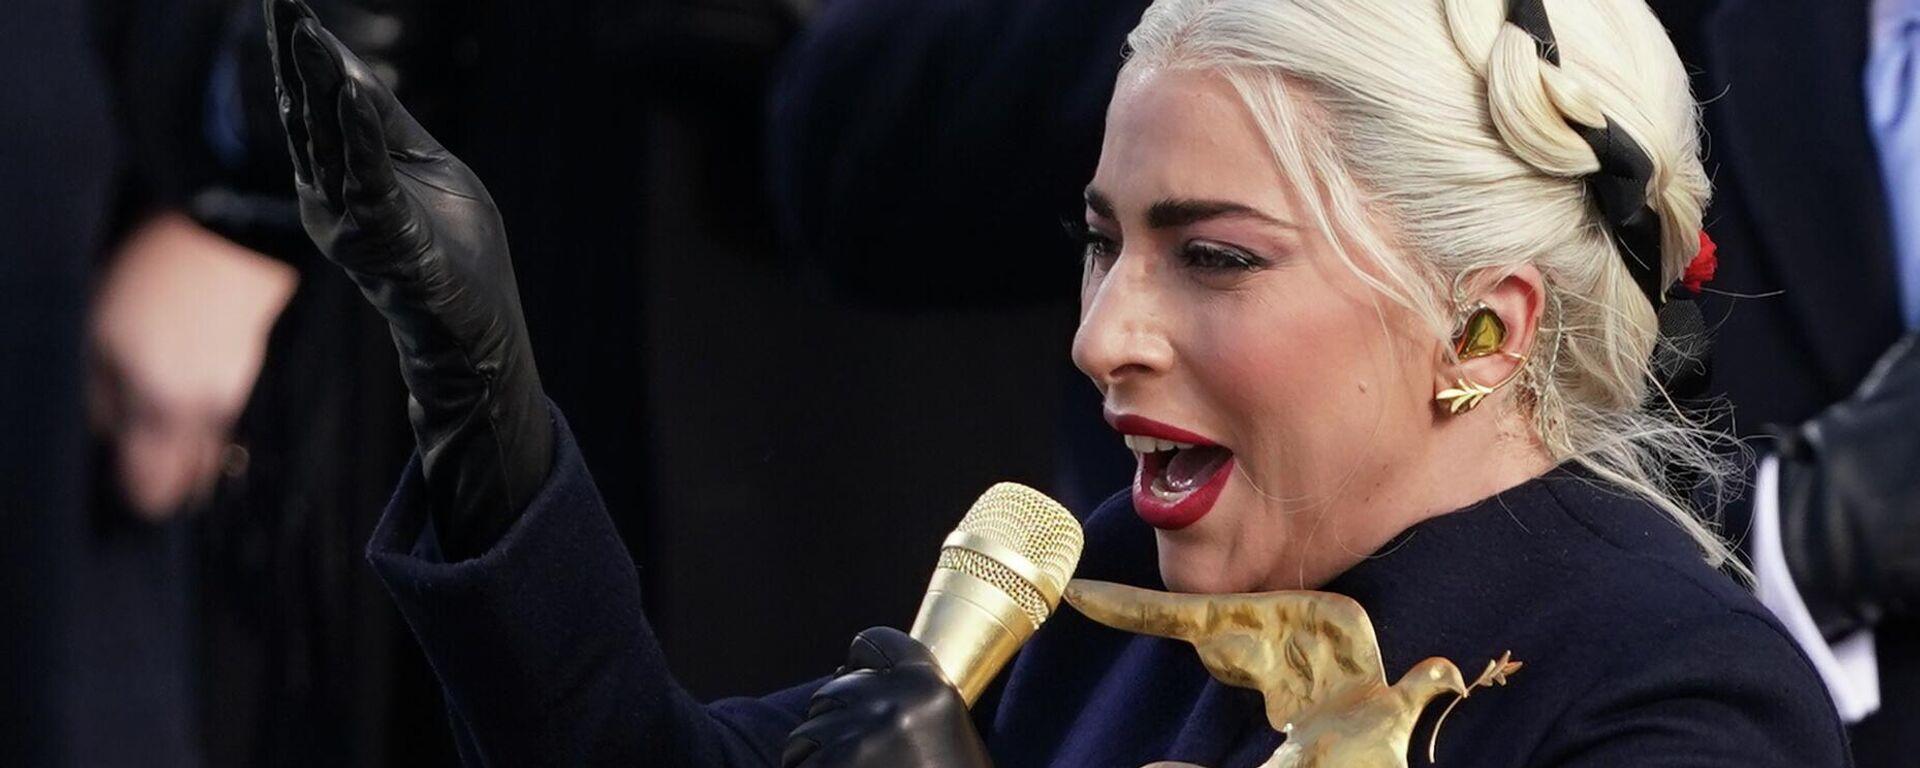 Lady Gaga  - SNA, 1920, 26.02.2021